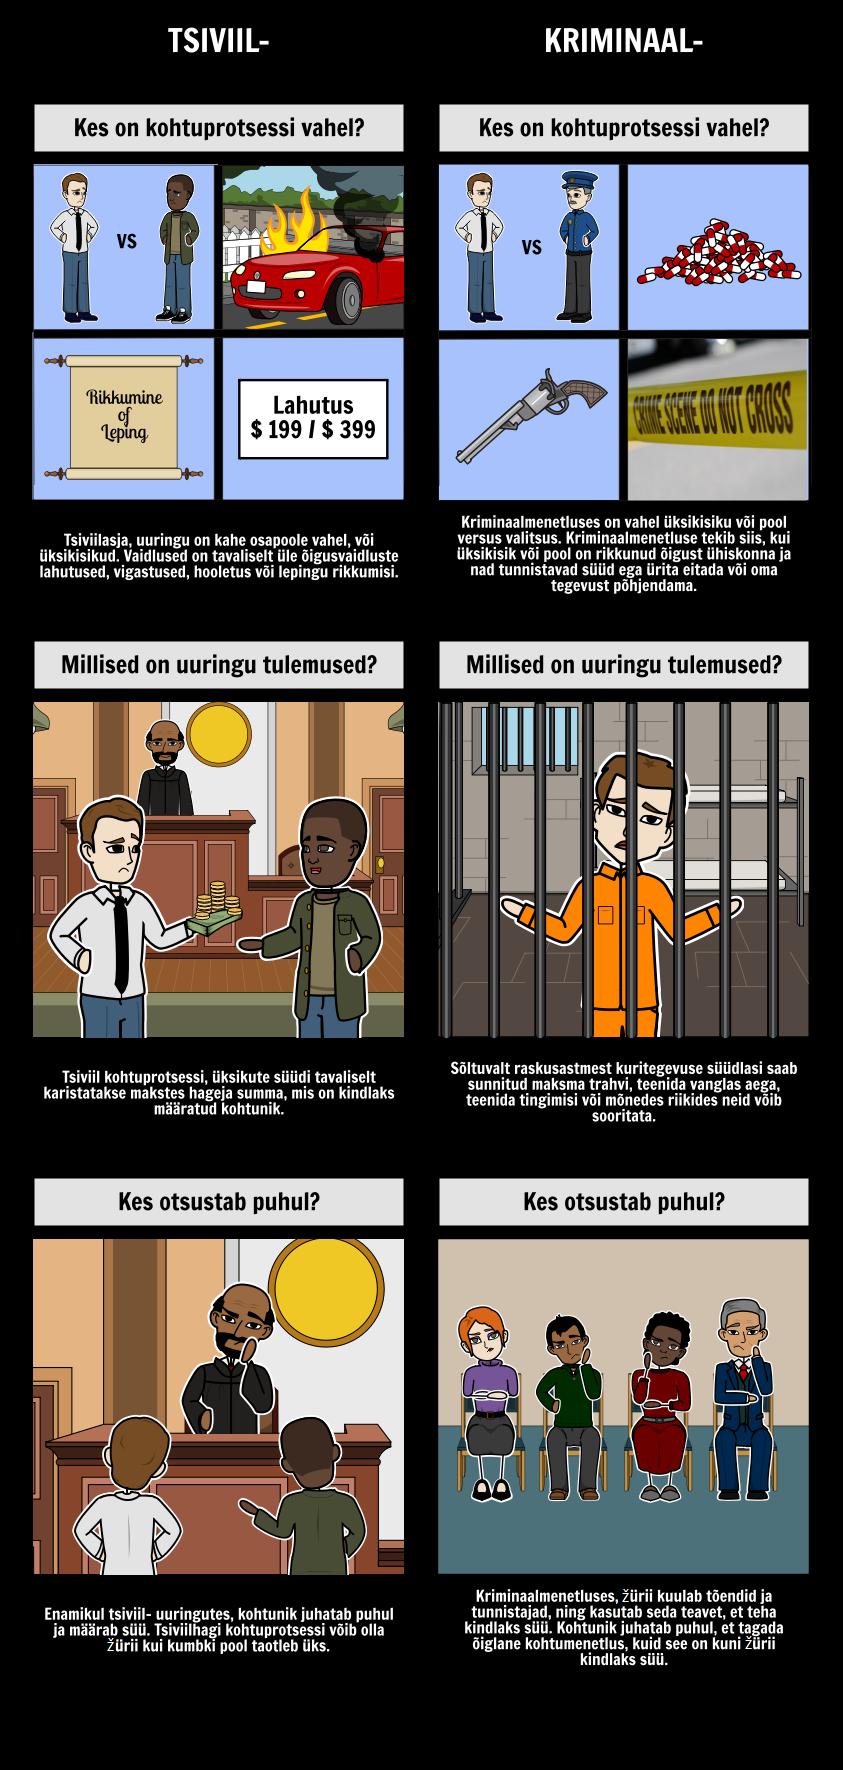 Avaliku vs Kriminaalmenetlused